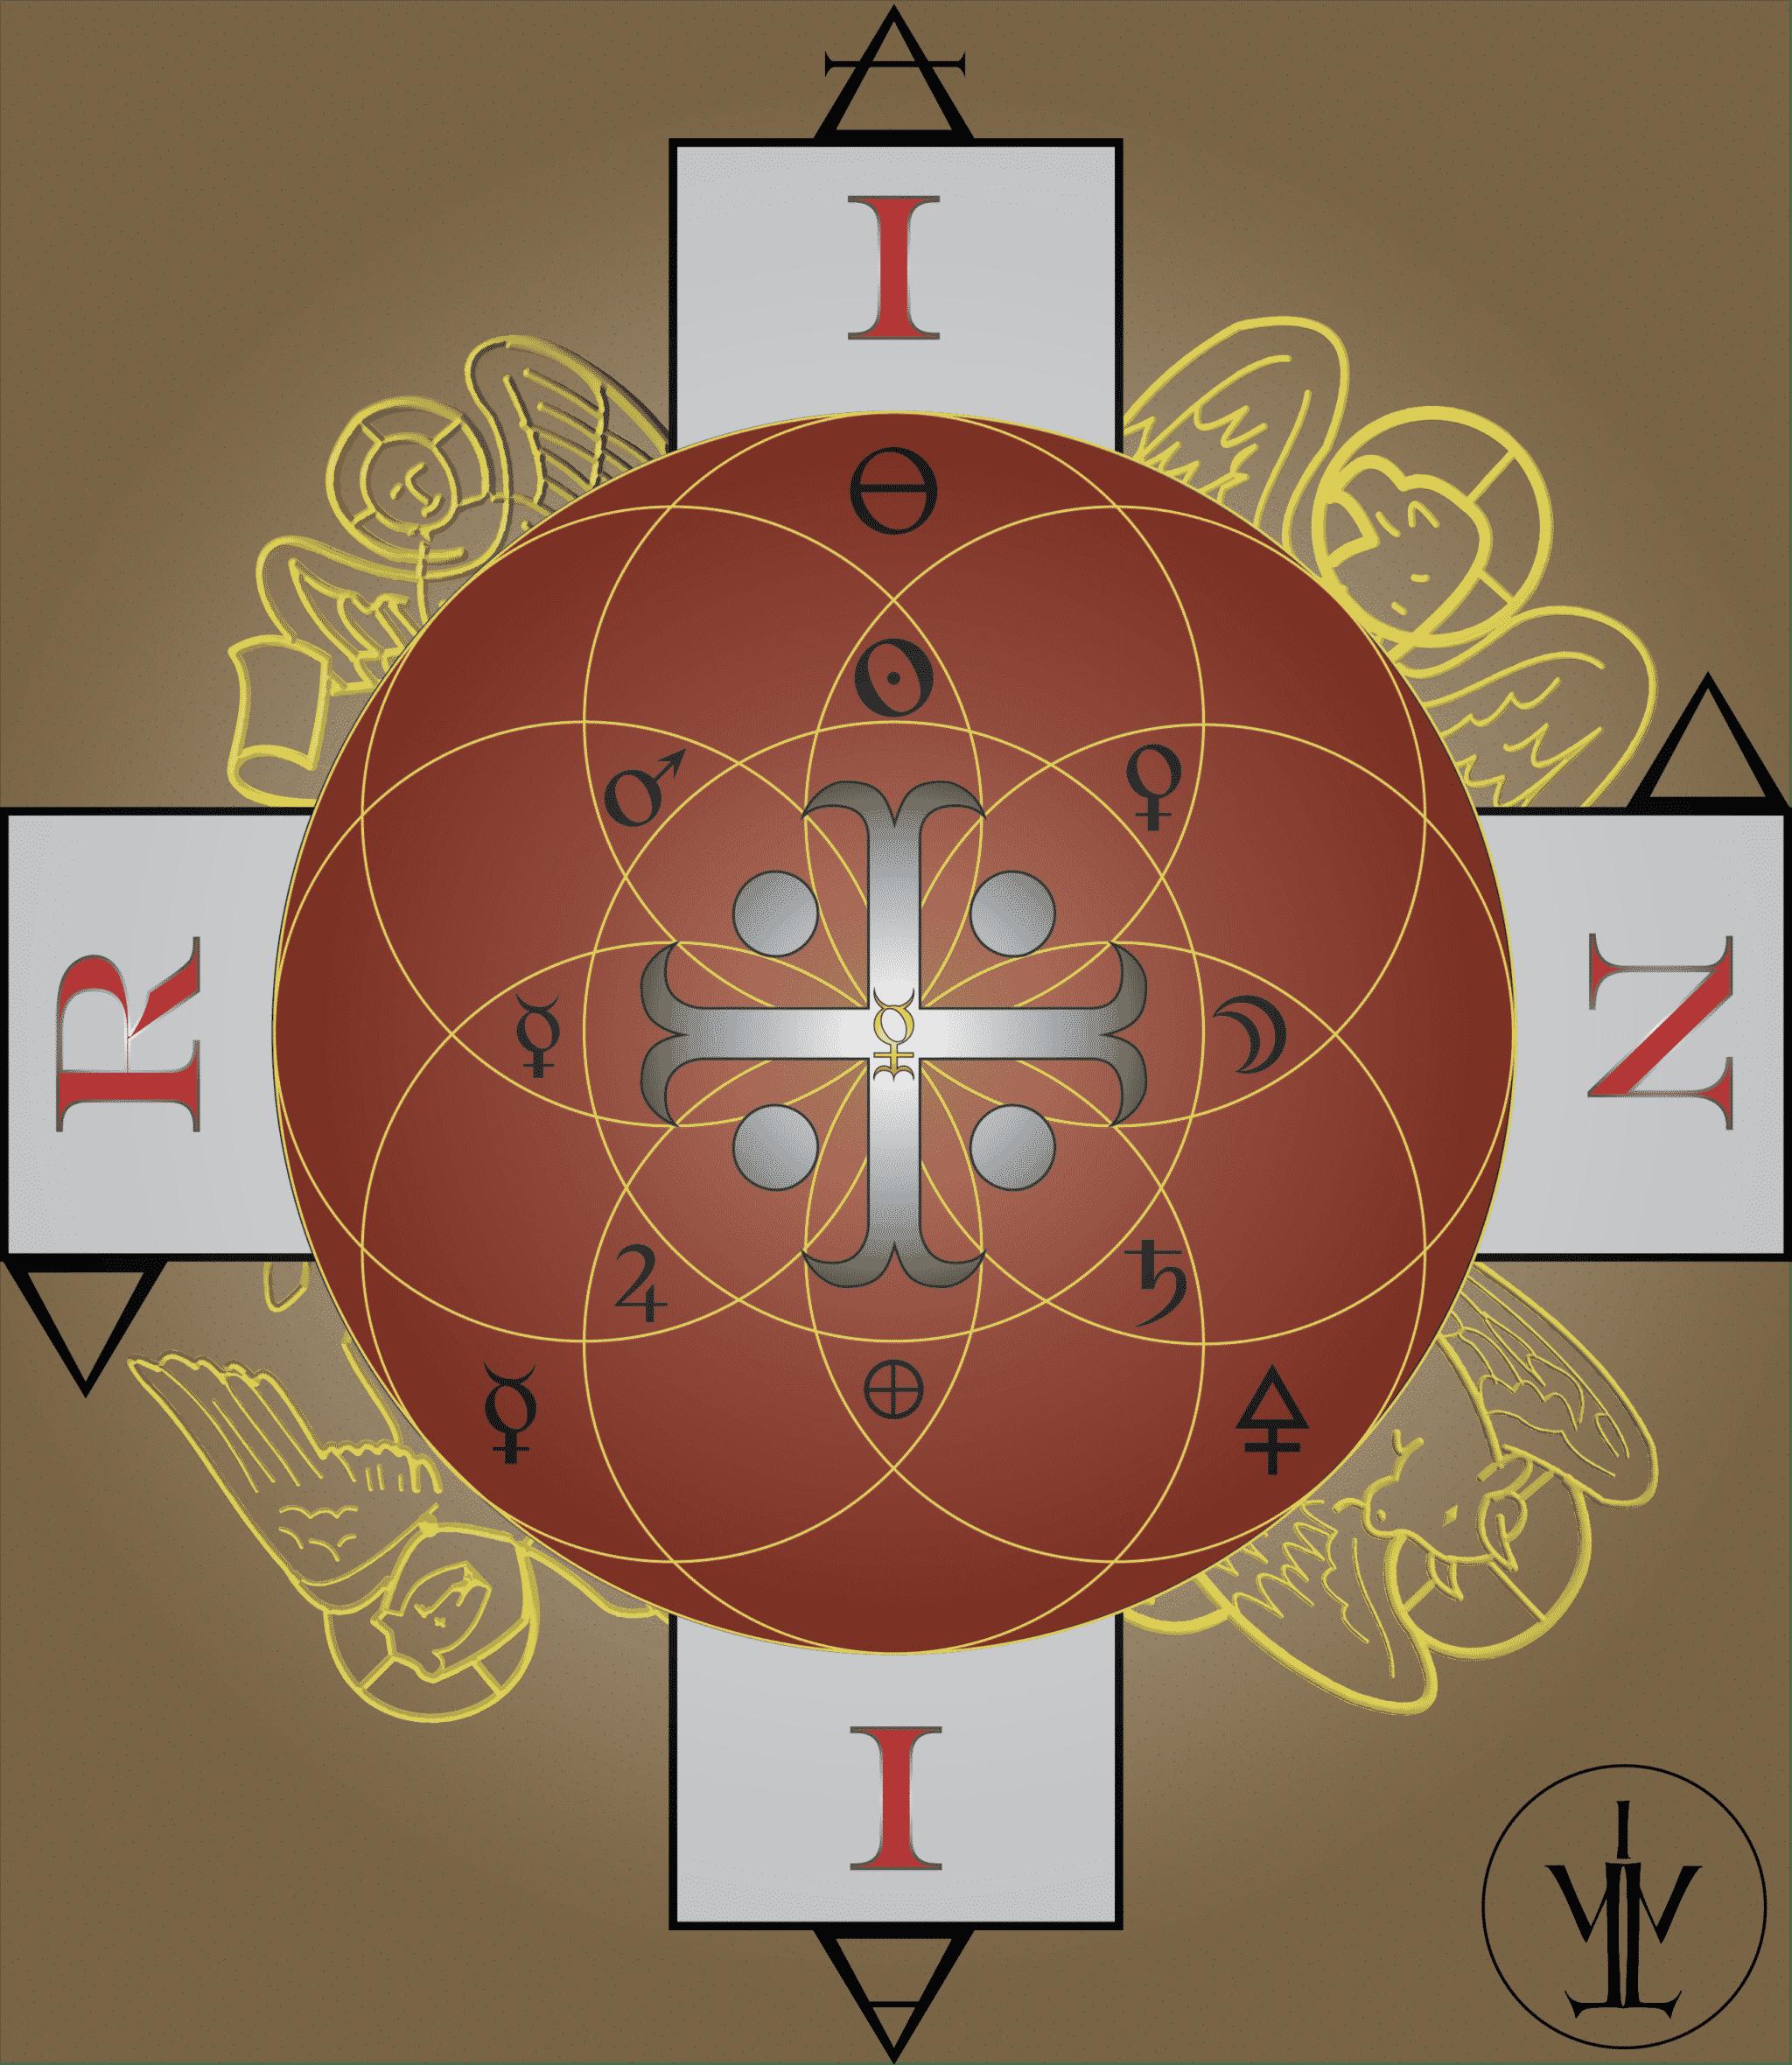 Rose-Croix d'Orient et Alchimie Spirituelle EzoOccult image 25